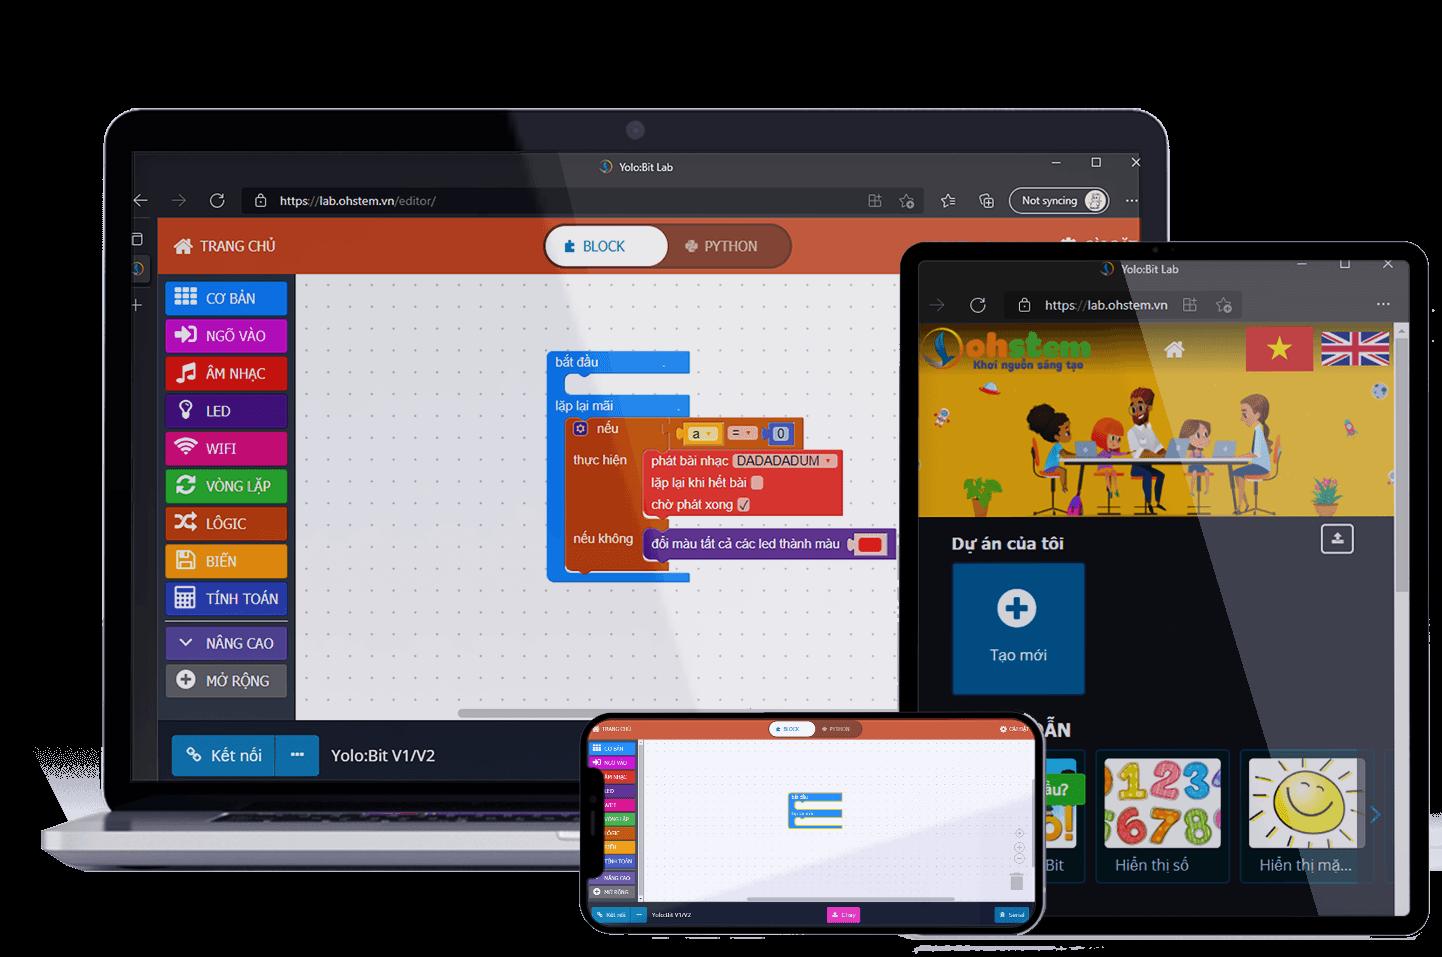 Đồ chơi giáo dục YoloBit - Công cụ làm quen với lập trình thú vị